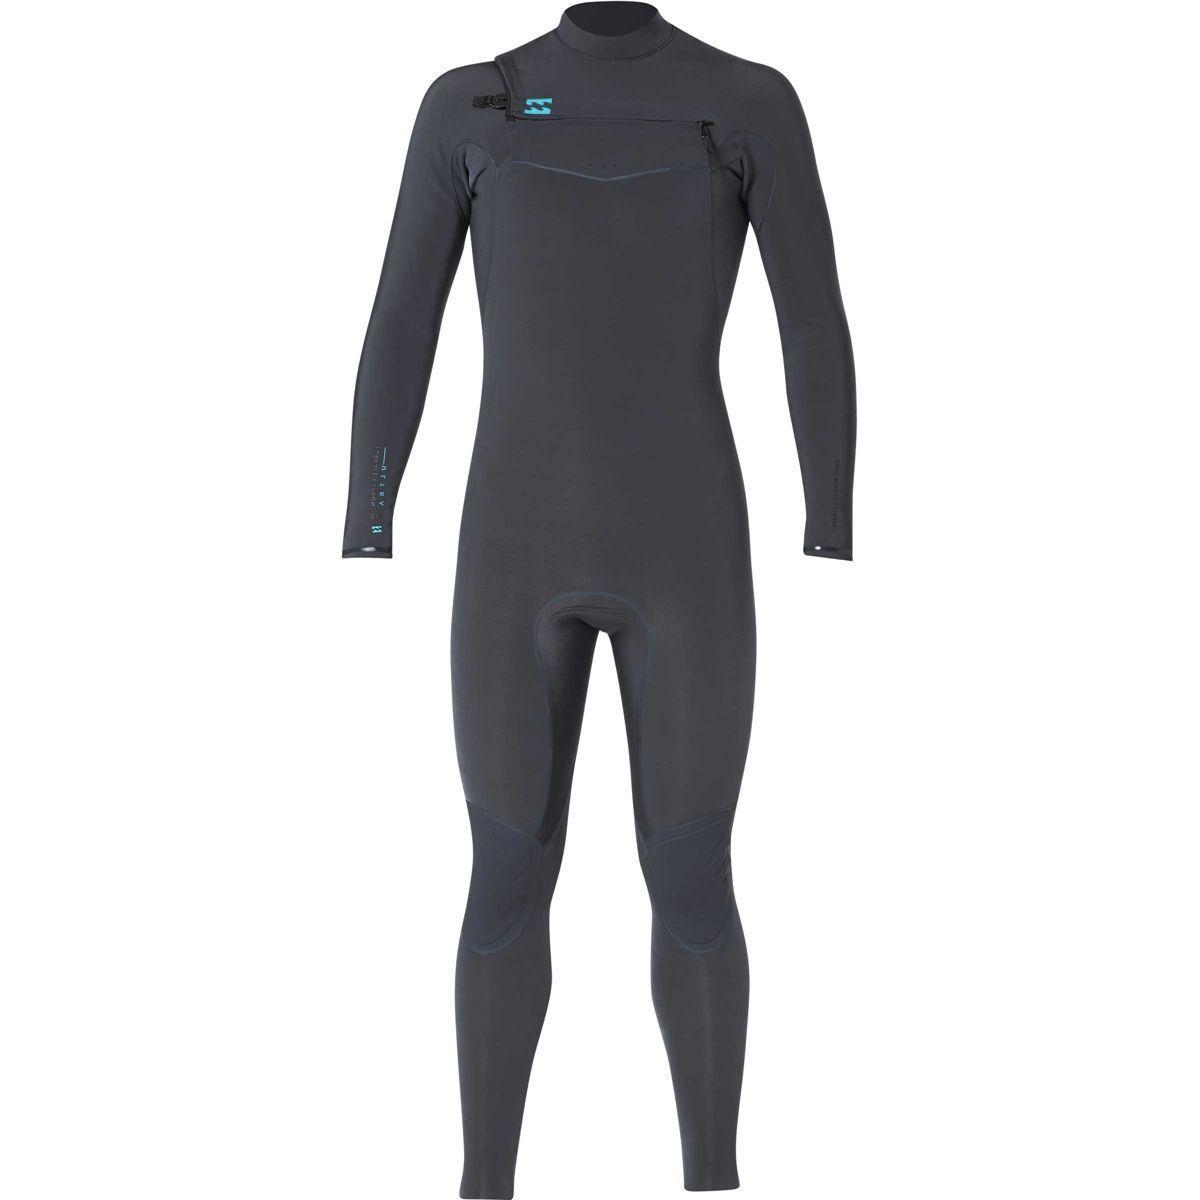 Billabong 3/2 Furnace Carbon Ultra Chest Zip Wetsuit - Men's